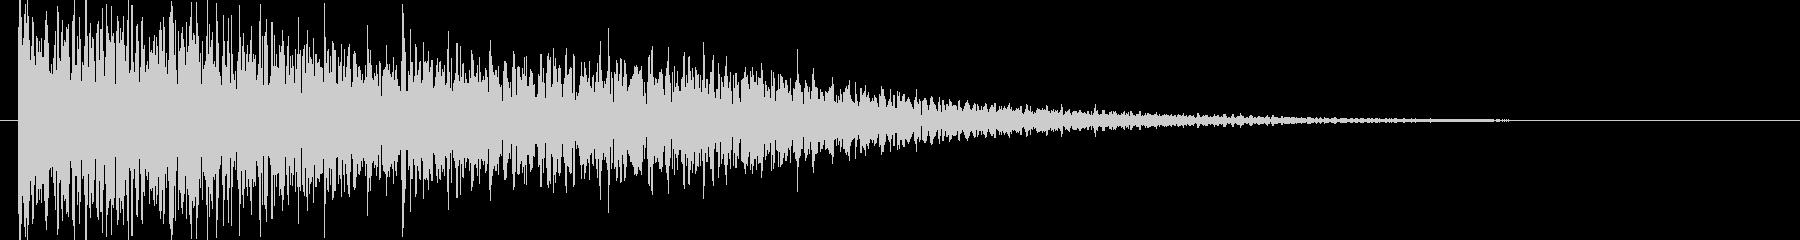 映画告知音116 ドーンの未再生の波形